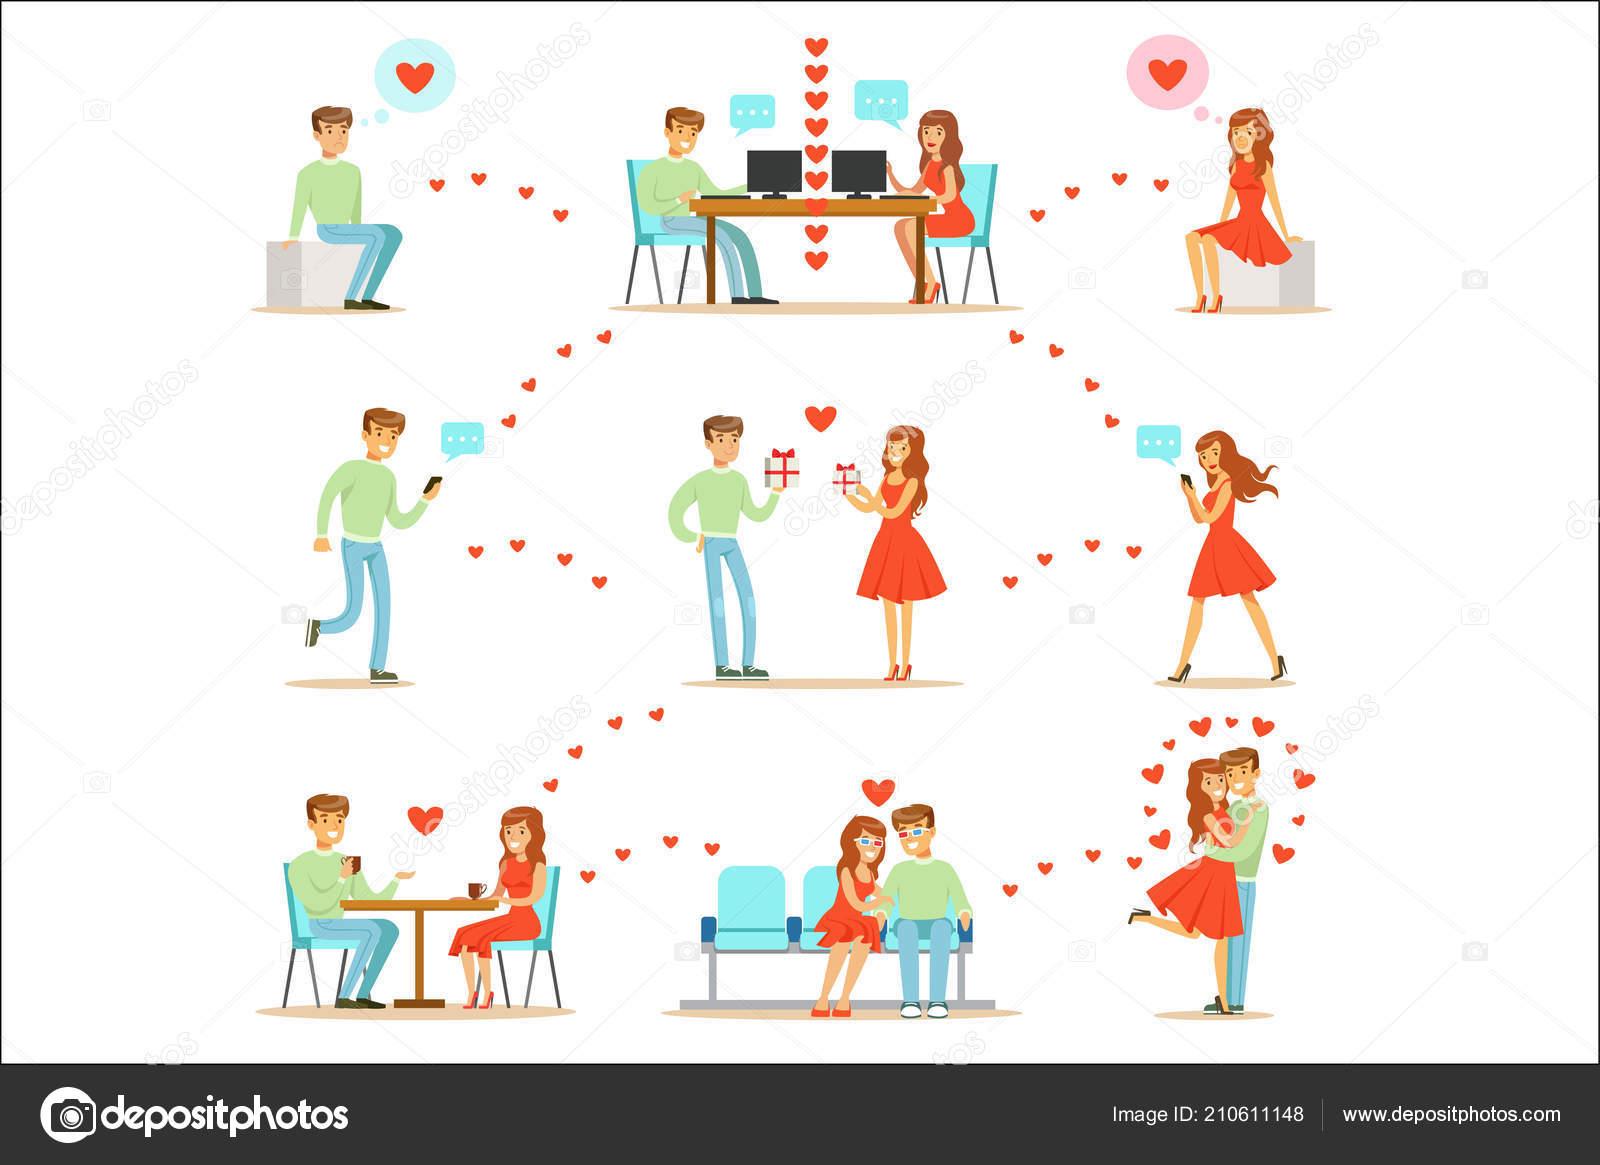 Fragen an eine Frau auf einer Dating-Website